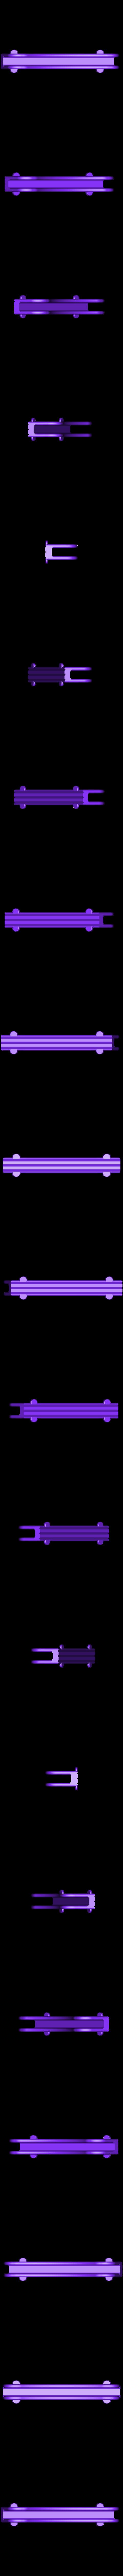 spoolHolder.stl Télécharger fichier STL gratuit Porte-bobine / support pour imprimante 3D, roulement 608zz • Objet imprimable en 3D, LGBU